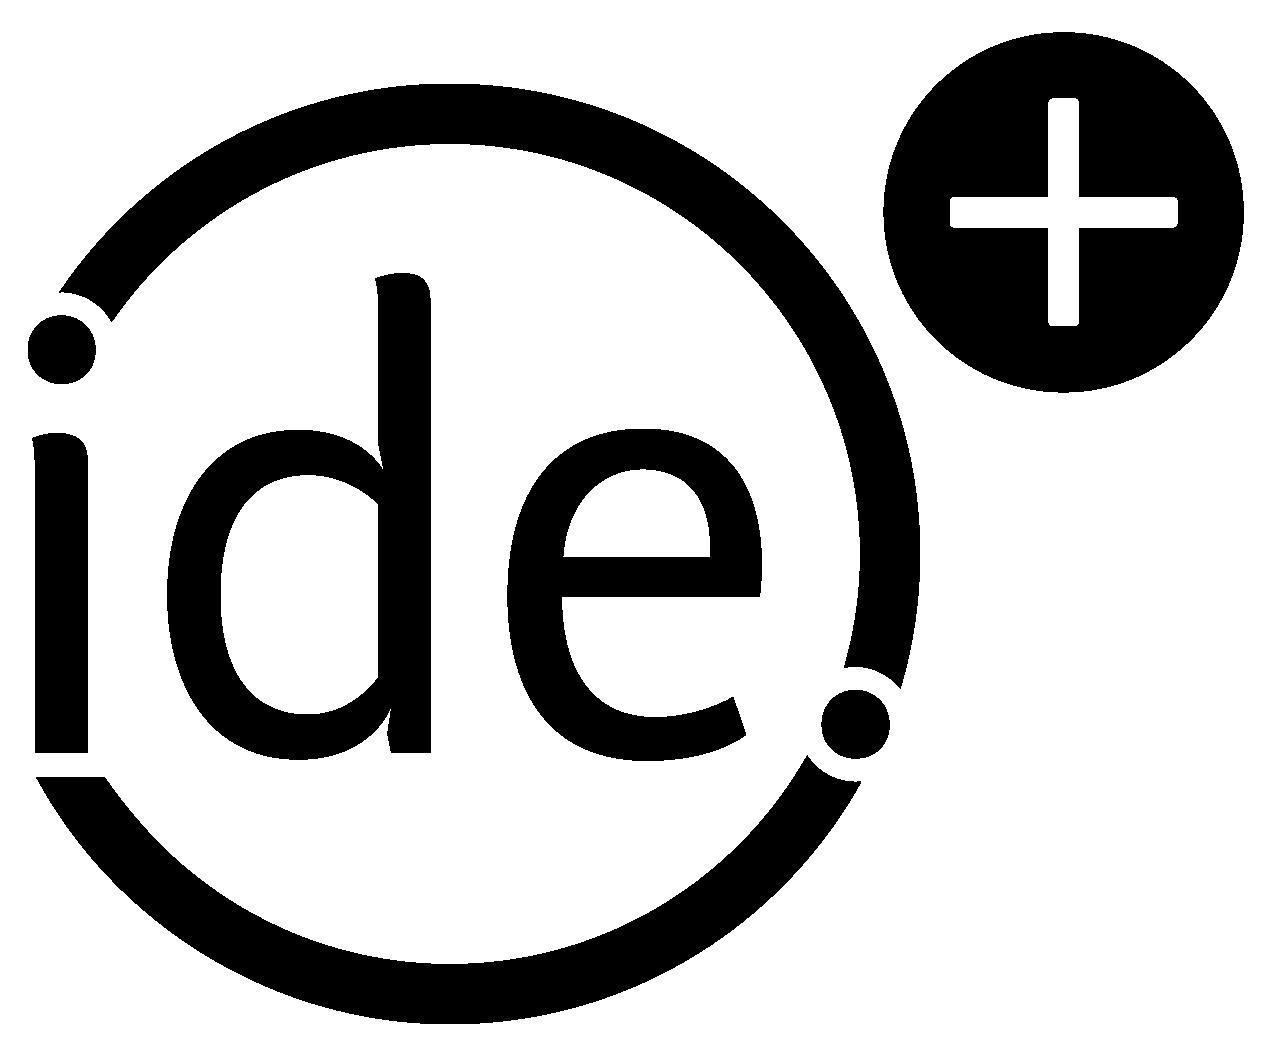 IDE_Logo_Black_High_Res